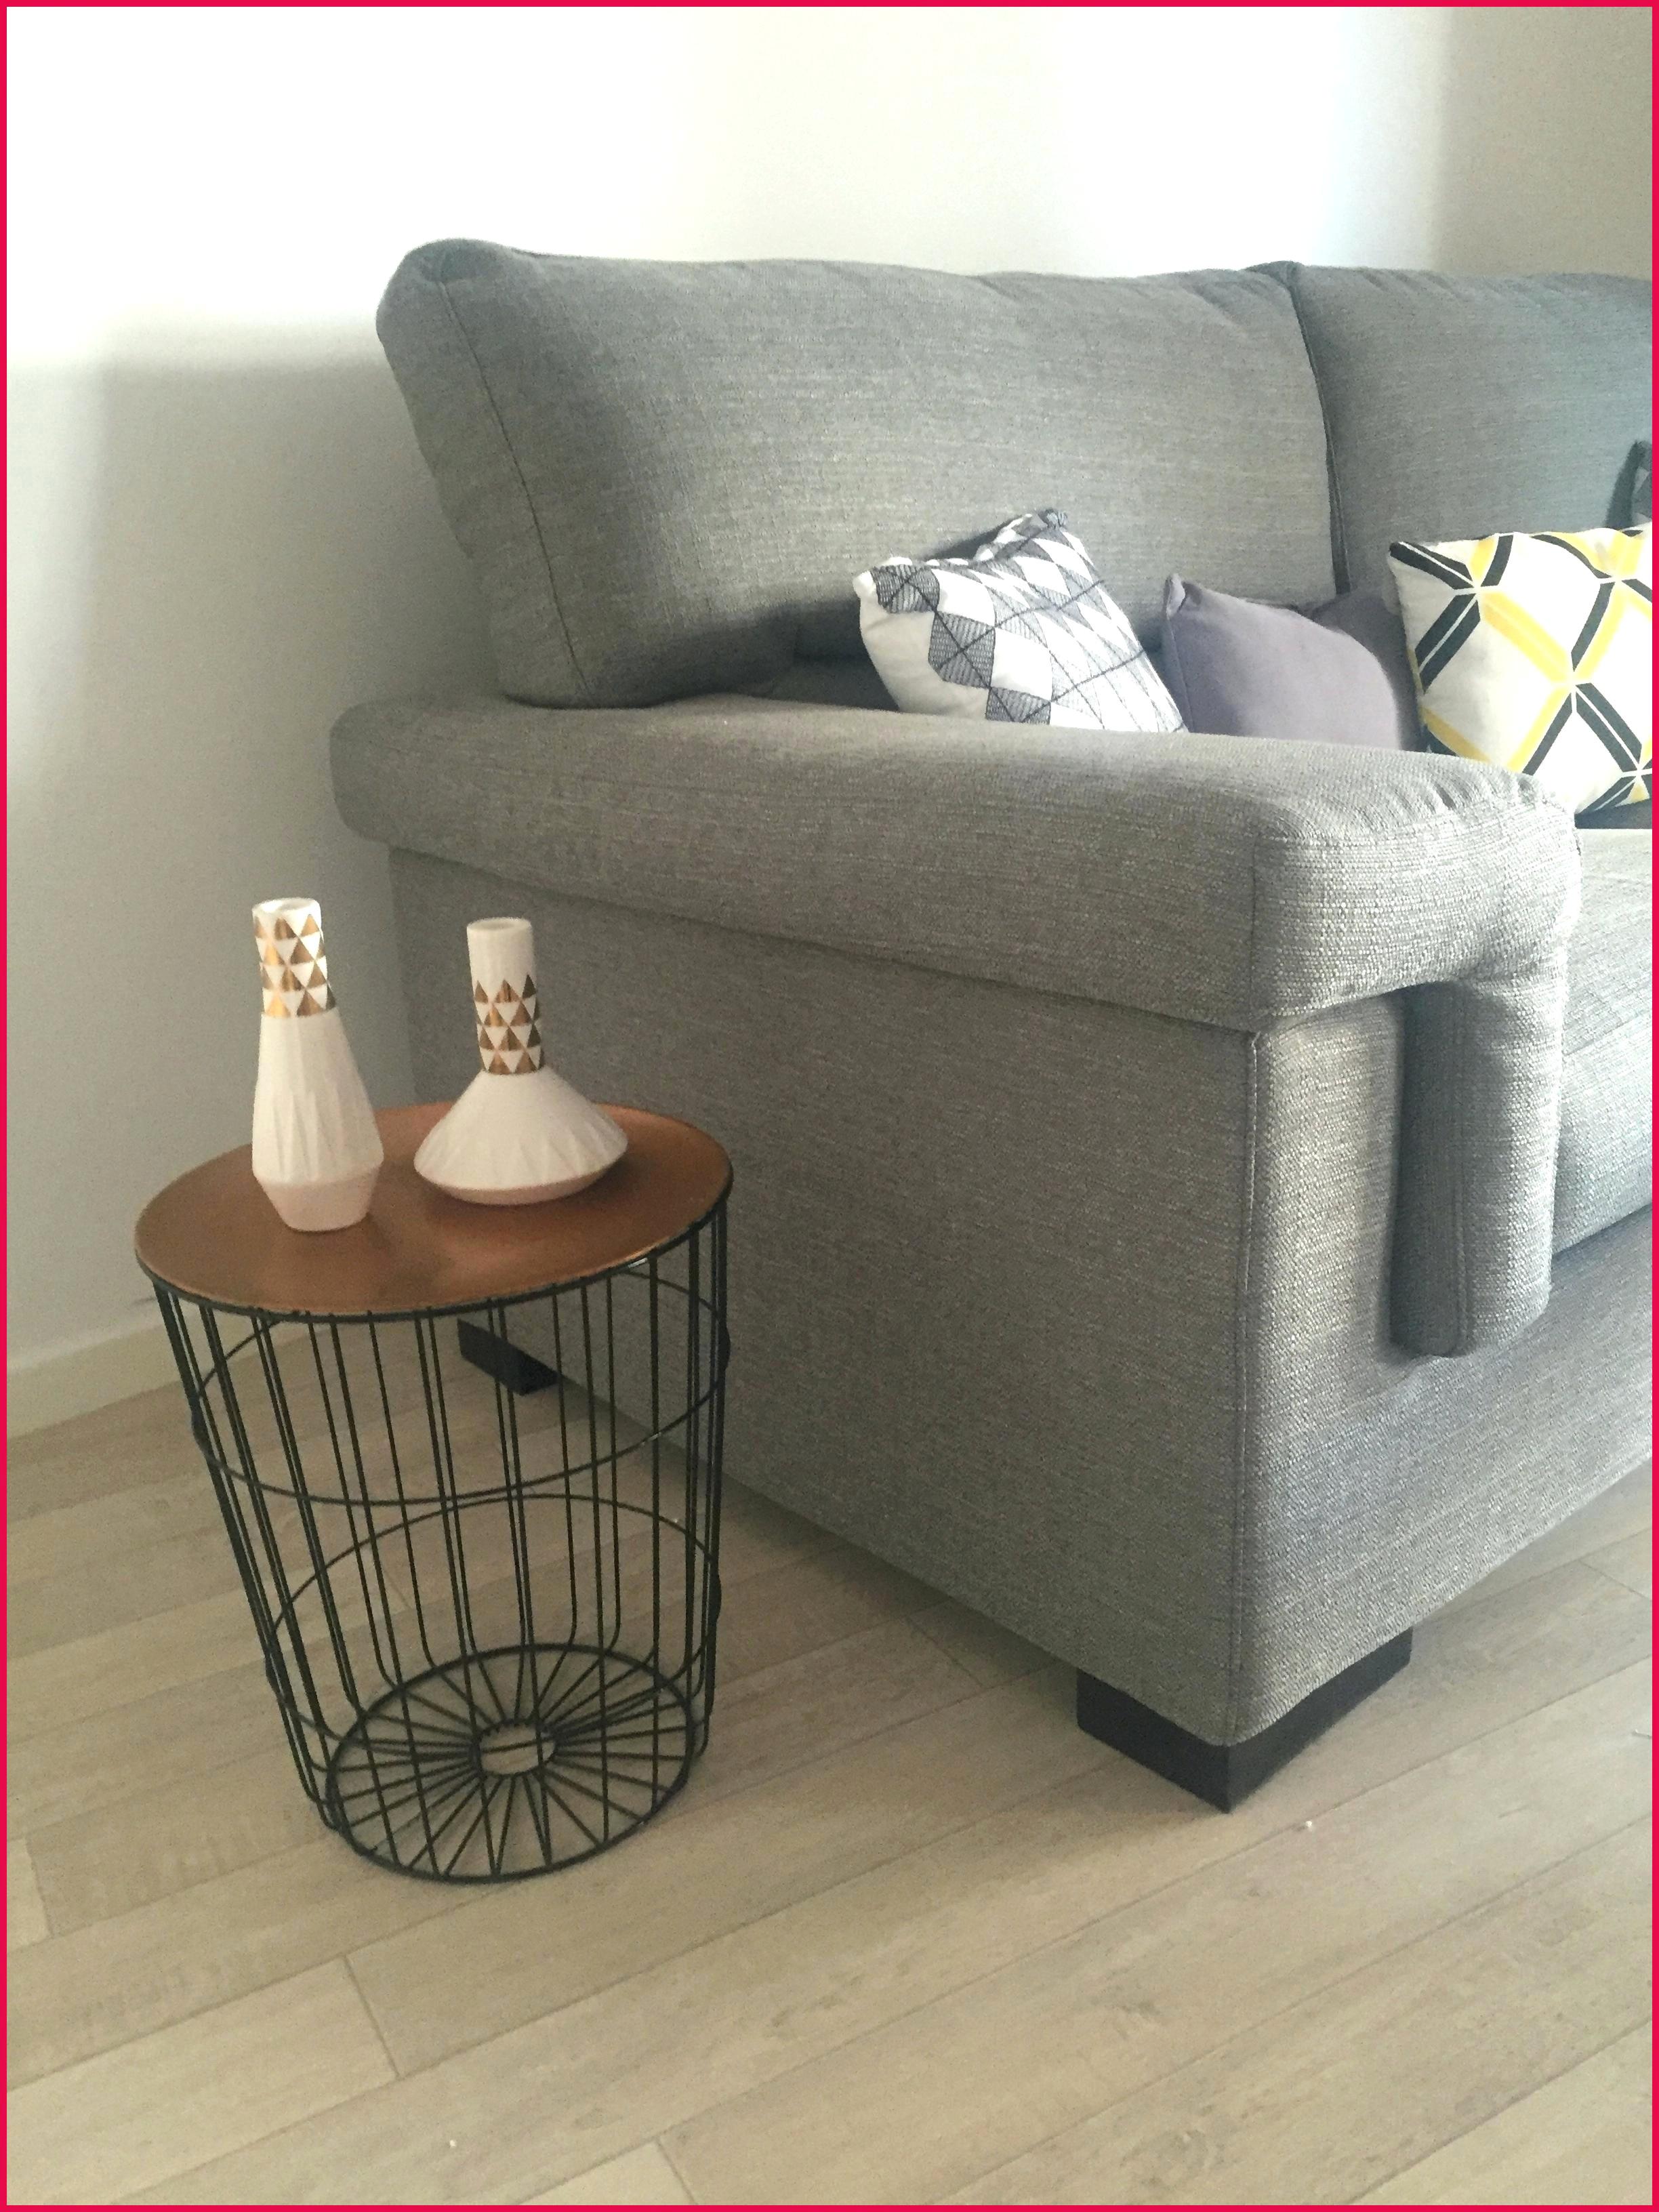 Ikea jet de canap inspirant photographie jet de fauteuil great jete with plaid pour fauteuil - Jete de canape ikea ...